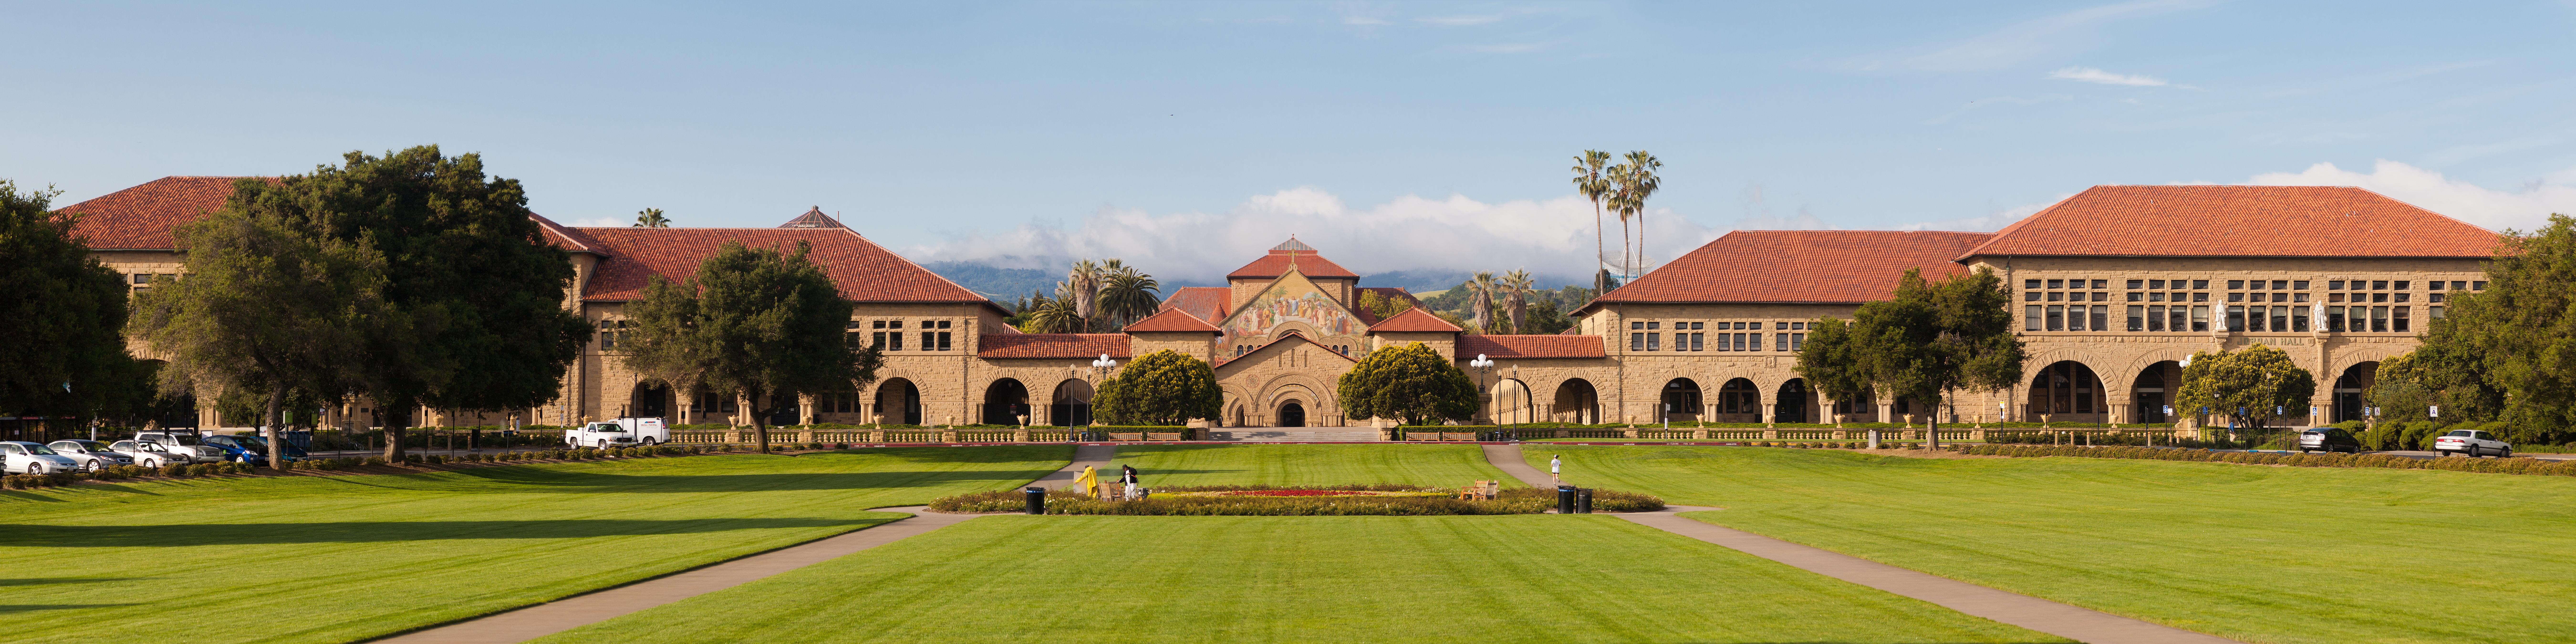 Stanford University (správně plným jménem:Leland Stanford Junior University). AmerickásoukromáuniverzitavKalifornii se nachází přímo v srdciSilicon Valley. Kredit: King of Hearts CC BY-SA 3.0.